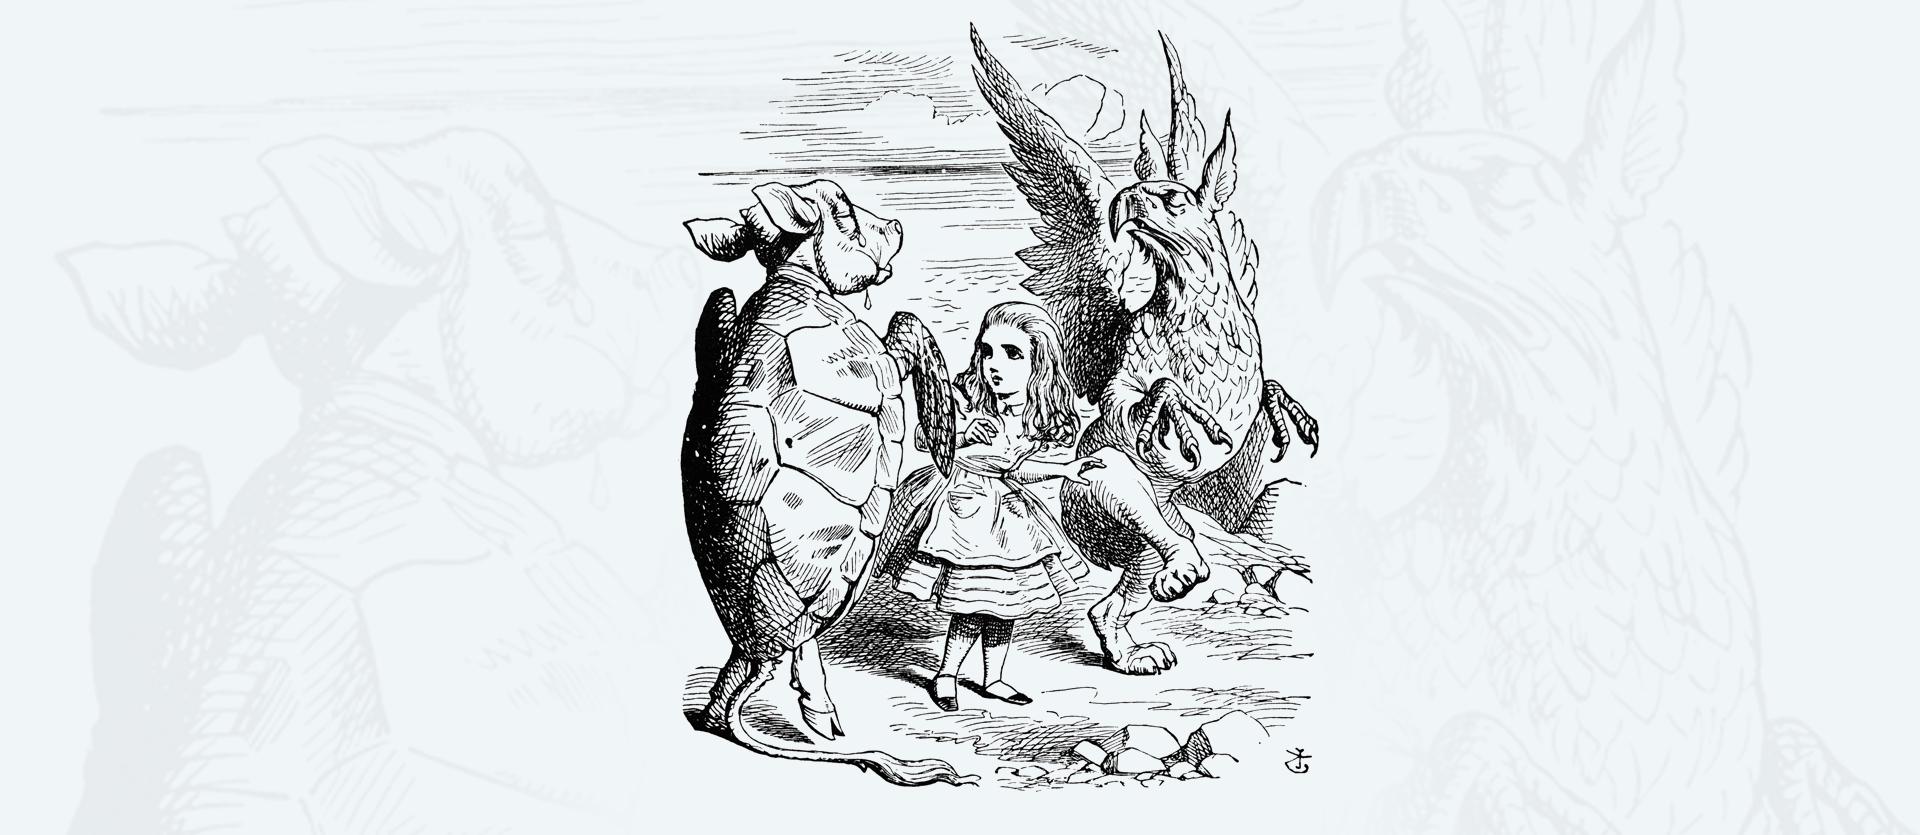 Alicja zGryfonem iFałszywym Żółwiem Alicja zGryfonem iFałszywym Żółwiem Źródło: John Tenniel, rysunek tuszem, domena publiczna.